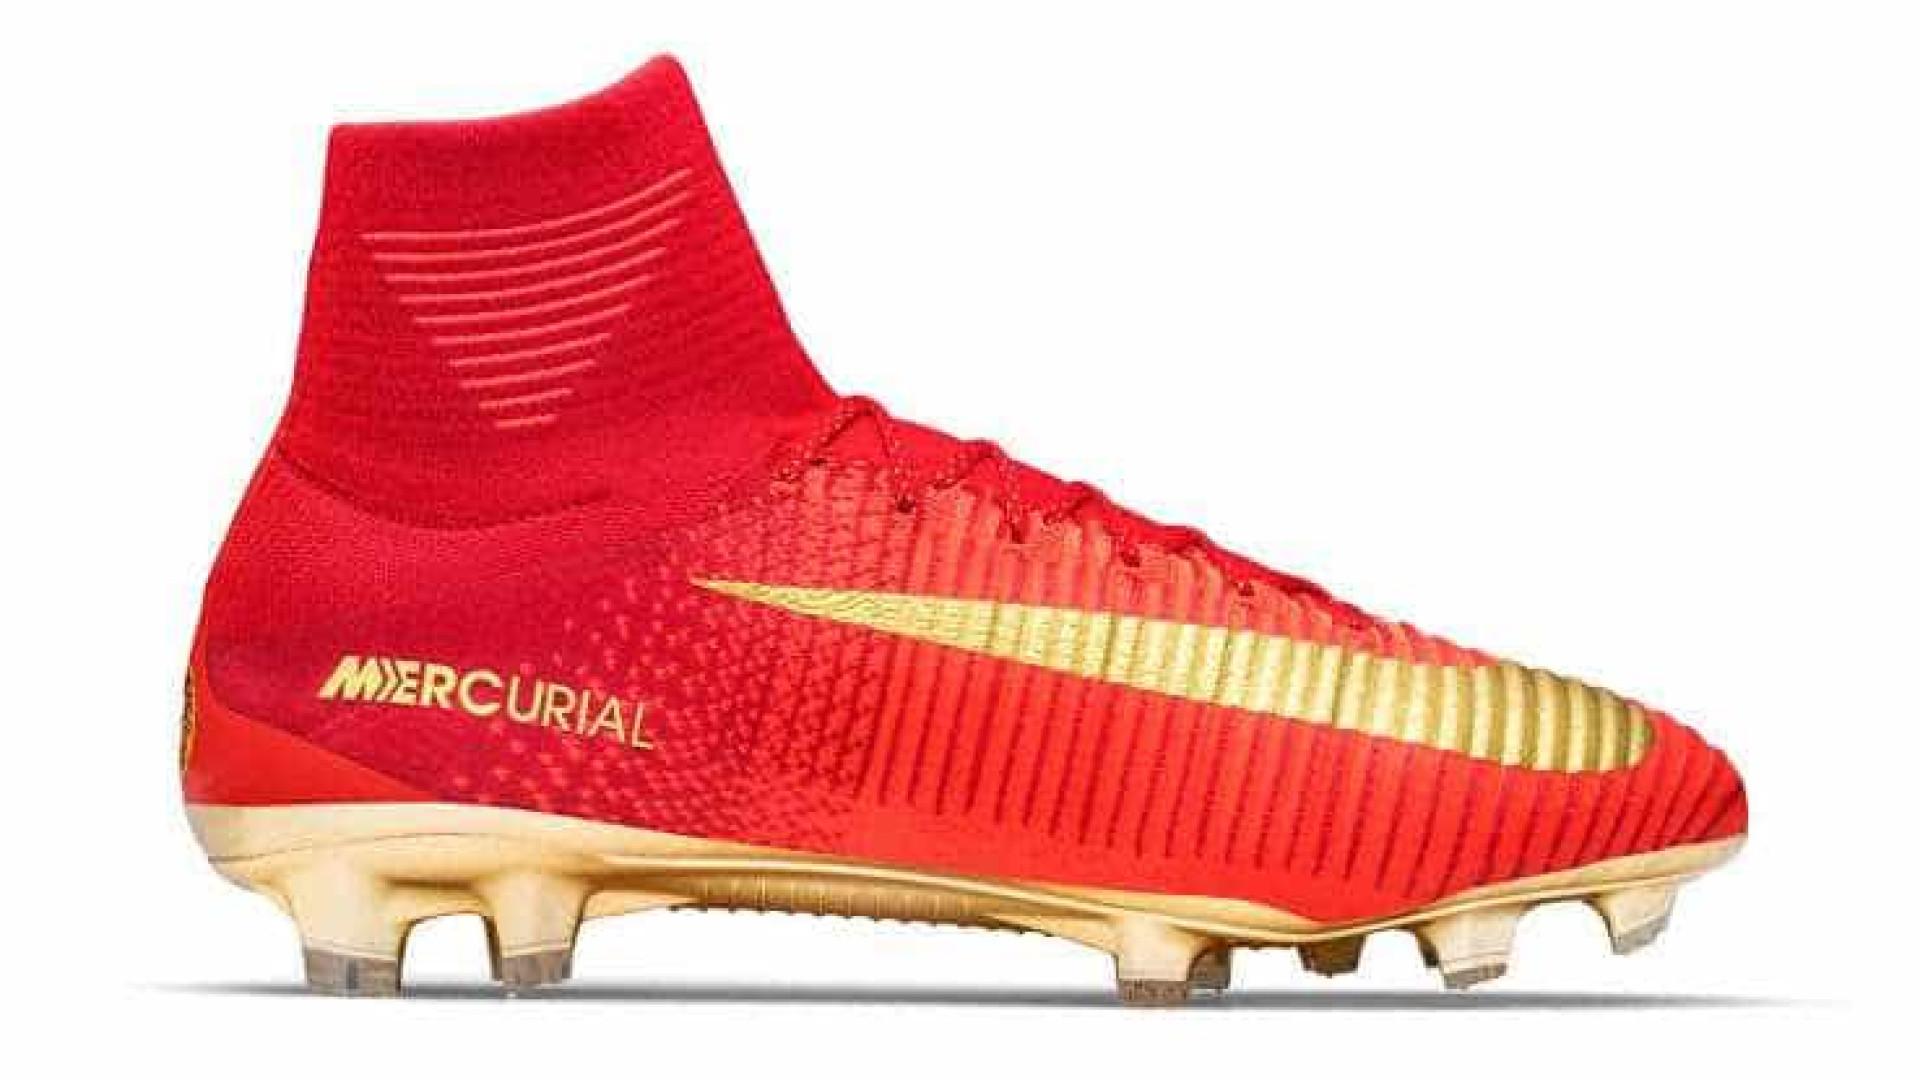 3cea08eadc Nike cria chuteiras únicas para Ronaldo usar na Taça das Confederações